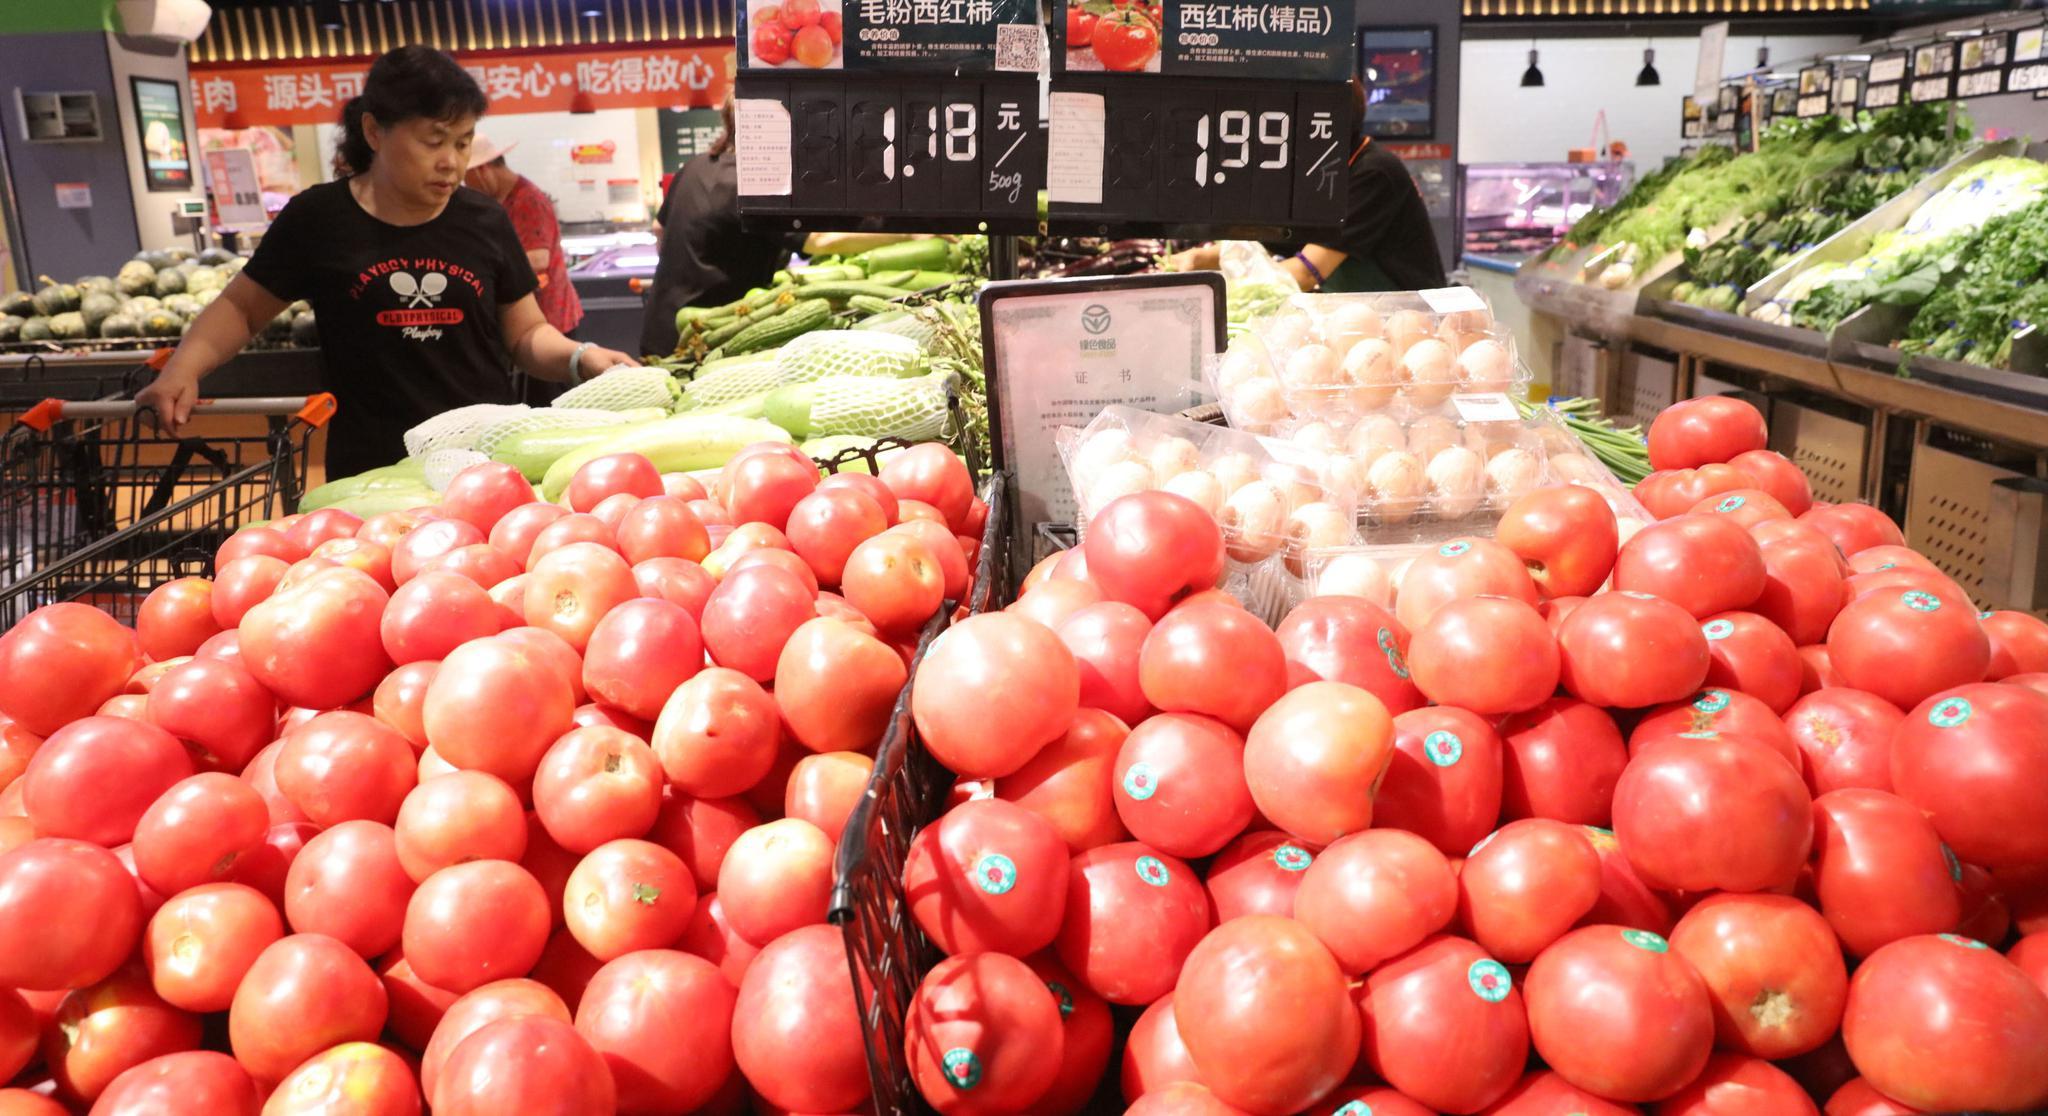 蔬果价格?信用记录黑名单泛化?这些发改委都回应了